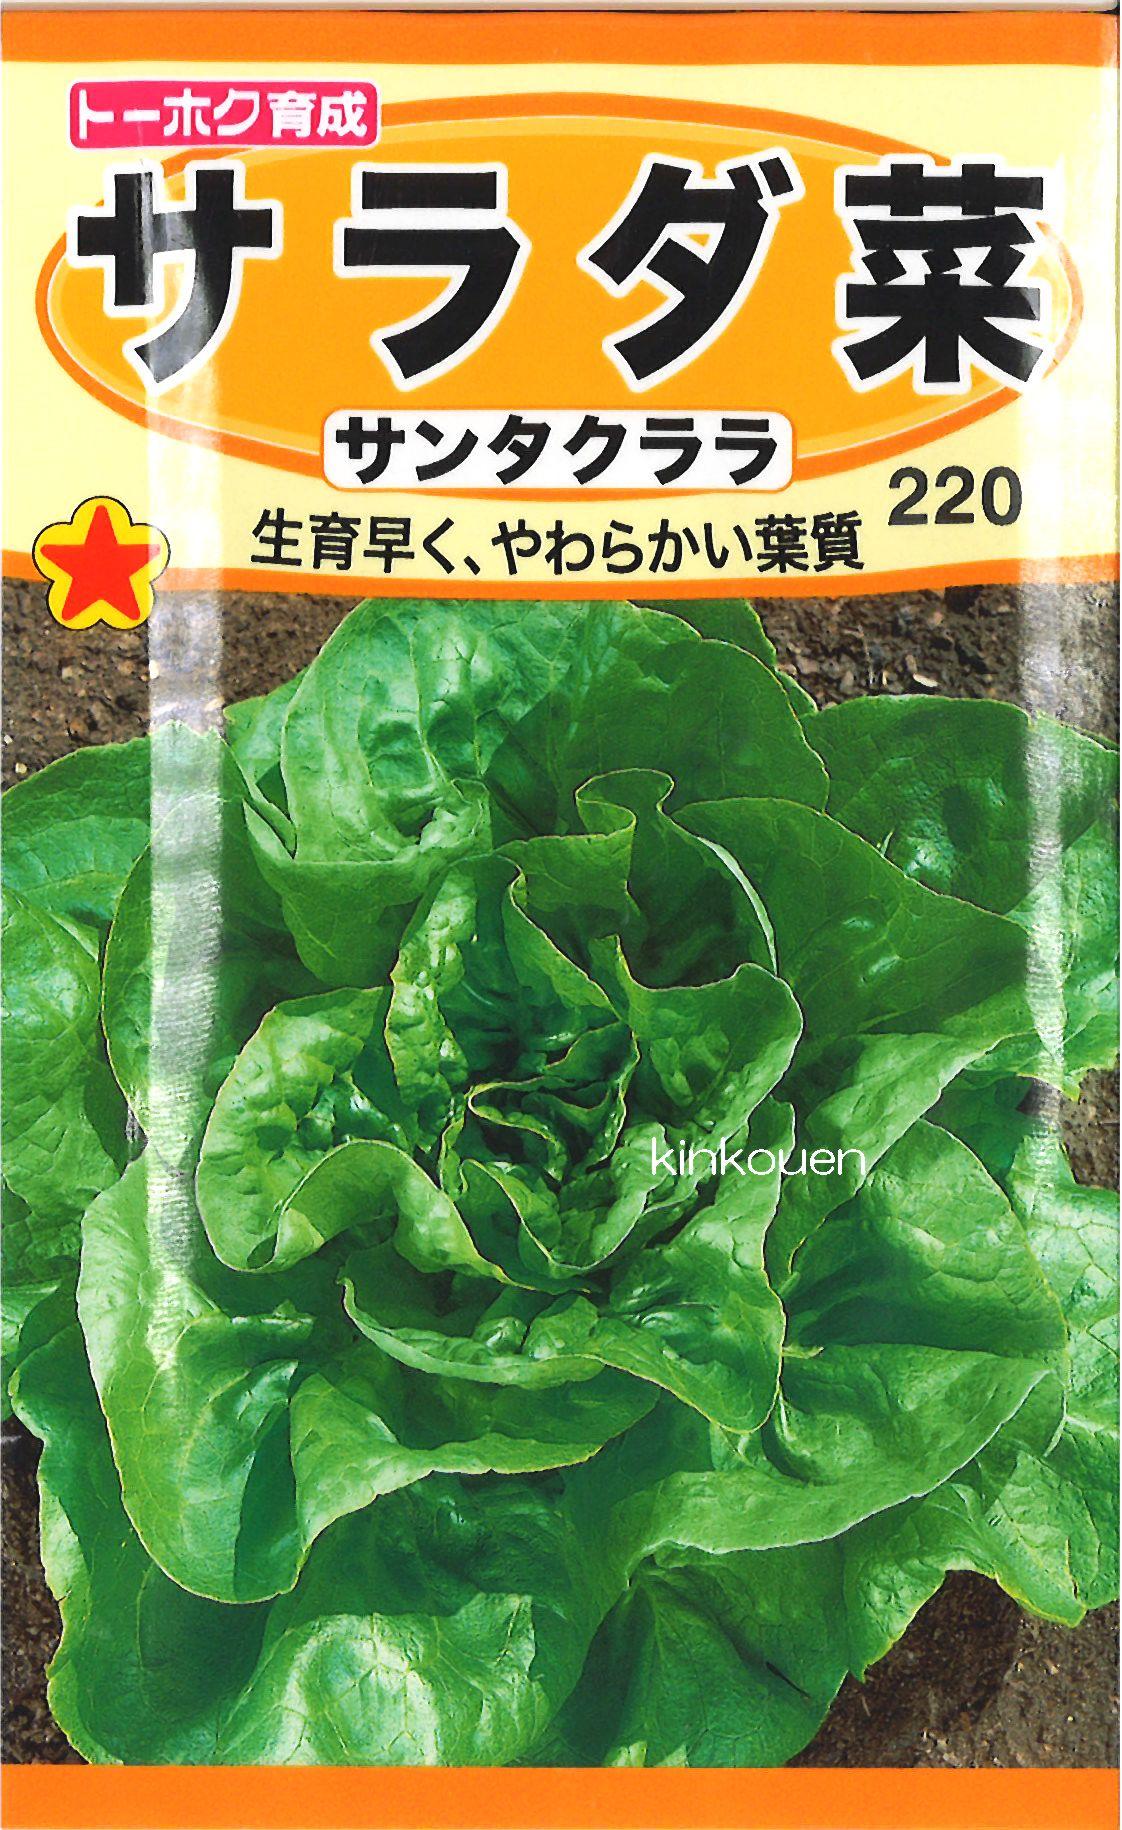 【代引不可】【5袋まで送料80円】 □サラダ菜サンタクララ